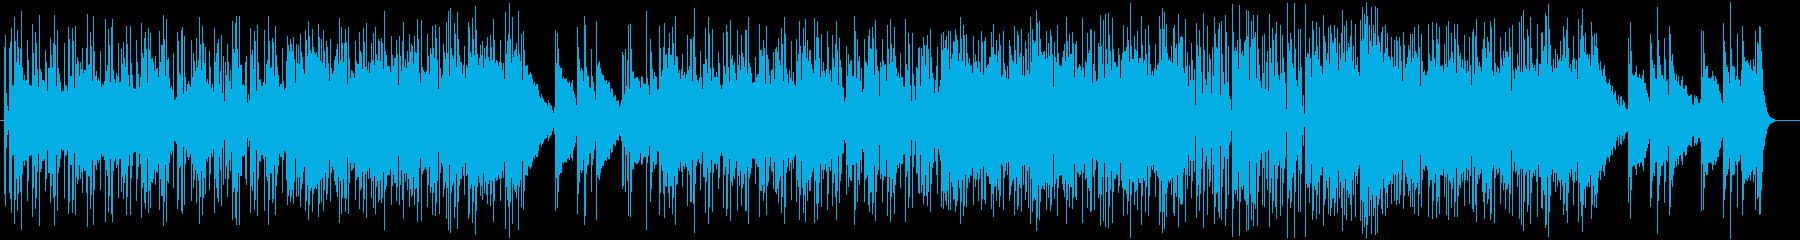 優しいメロディーが印象的なフュージョンの再生済みの波形